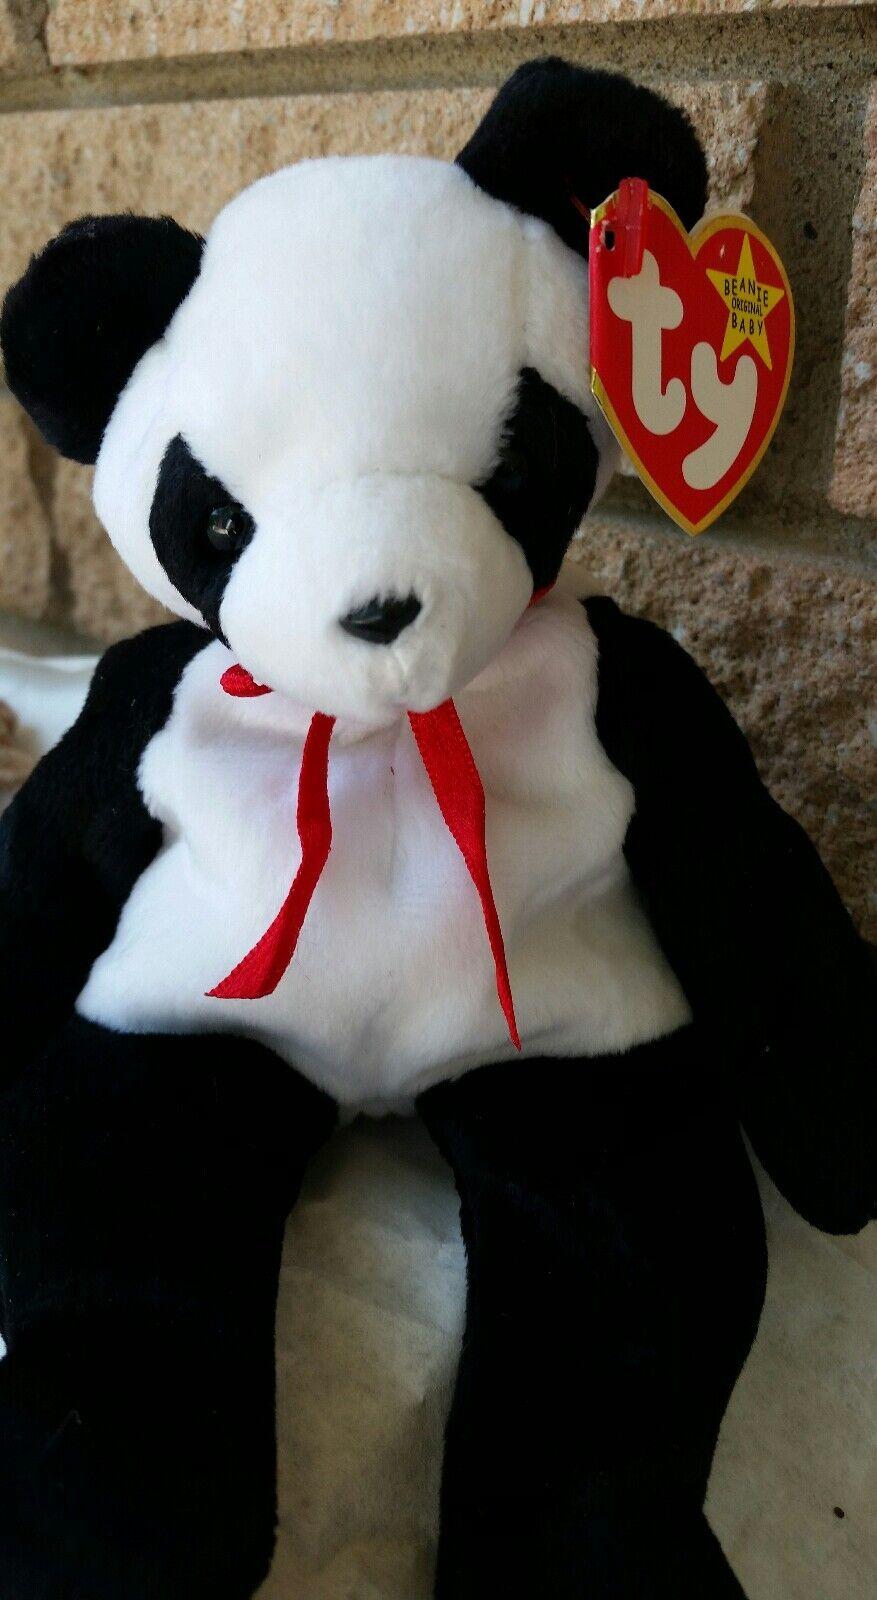 Panda vermögen ty beanie baby im ruhestand 12   6   1997 hintern fehler sammlerstück selten